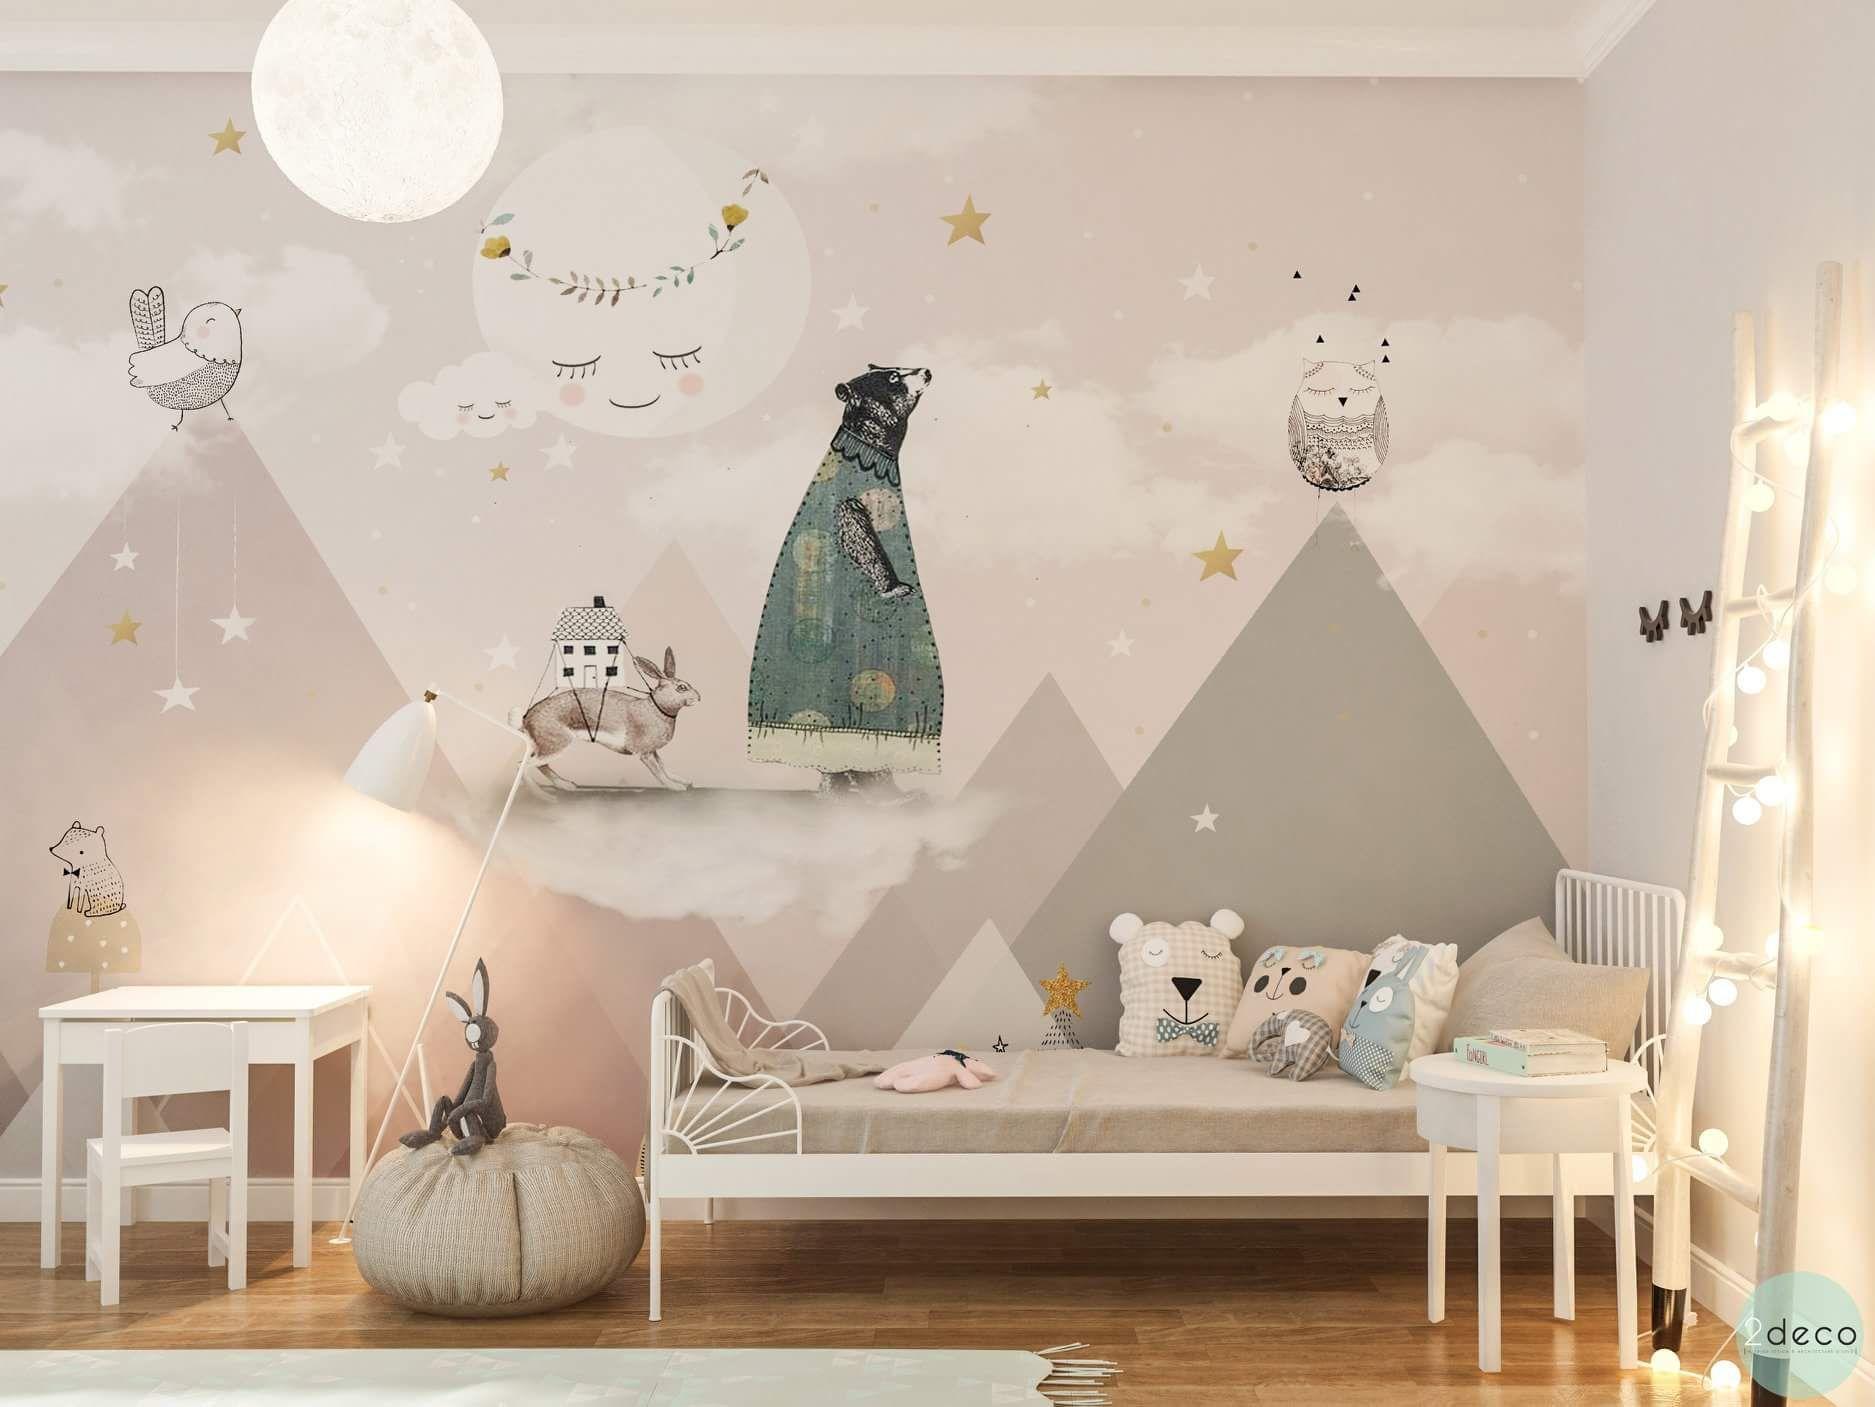 Full Size of Kinderzimmer Regal Sofa Weiß Regale Kinderzimmer Kinderzimmer Einrichtung